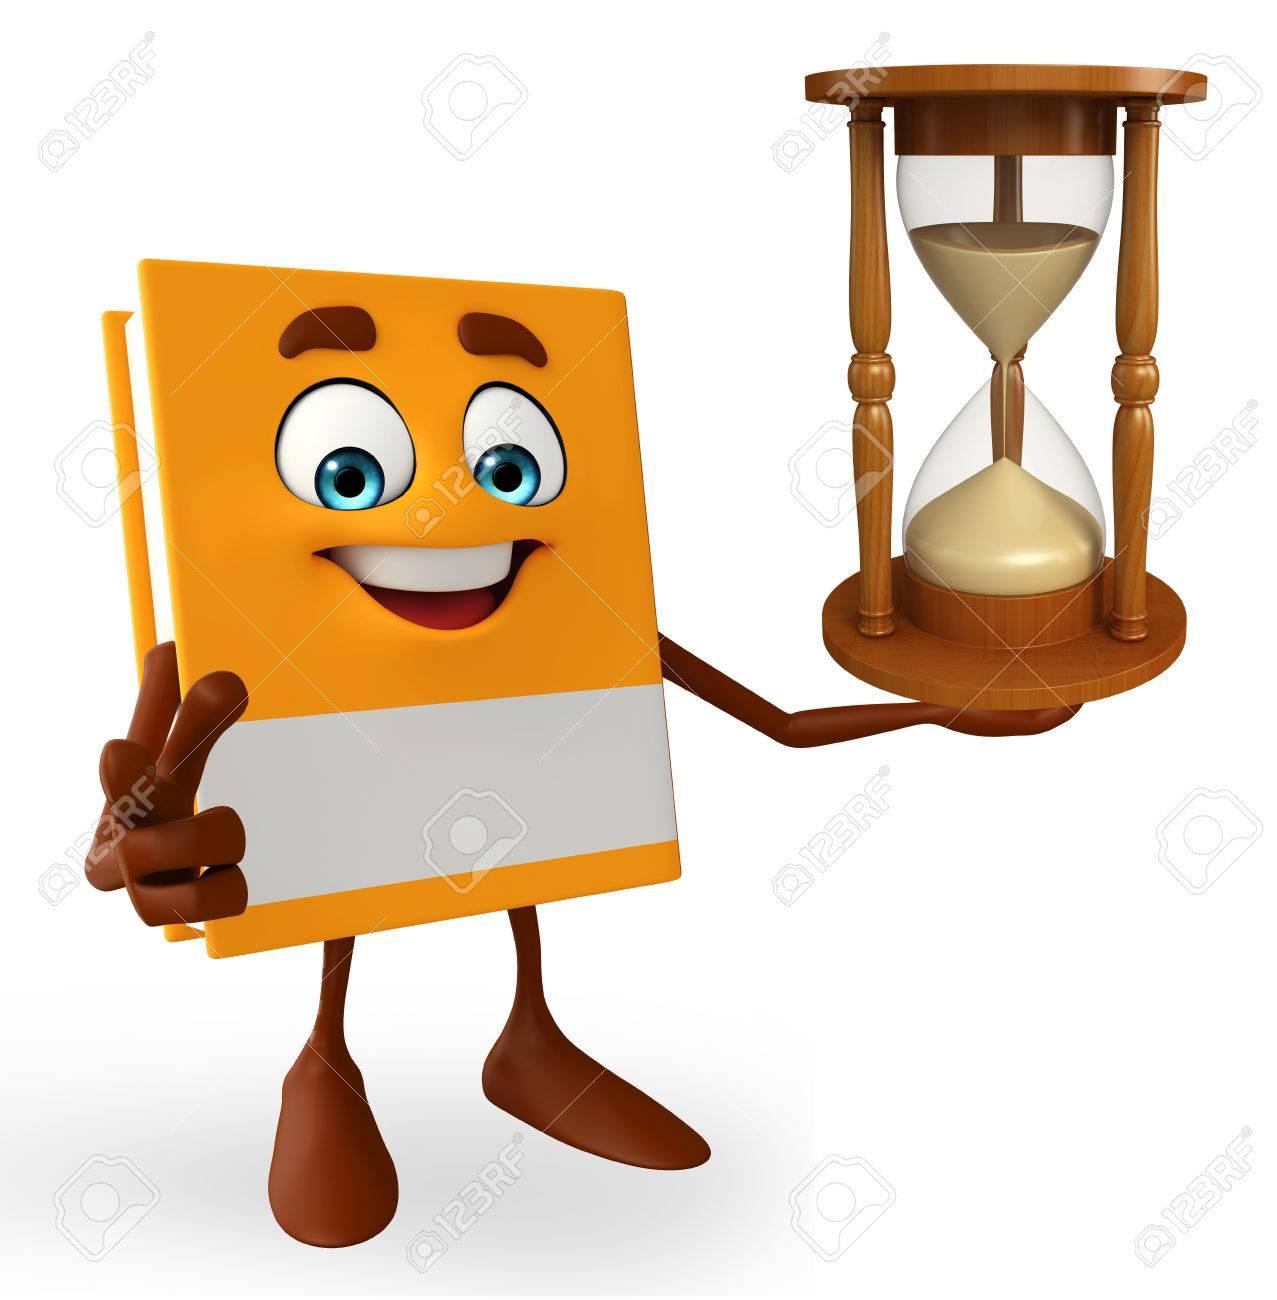 Foto de archivo , Personaje de dibujos animados de libro con reloj de arena